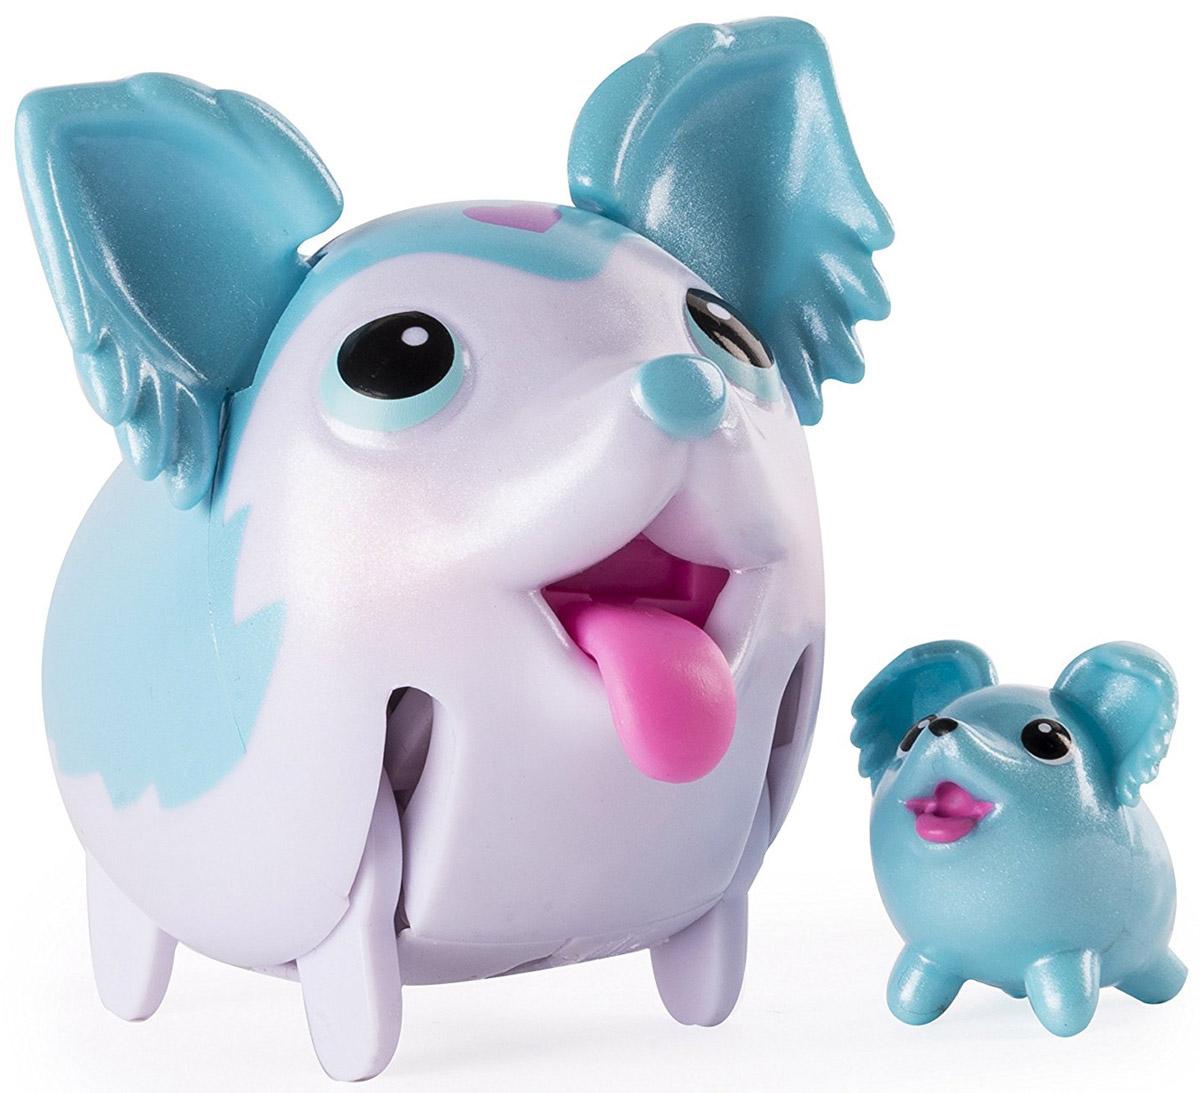 Chubby Puppies Набор фигурок Той-спаниель56700_20075406Набор фигурок Chubby Puppies Той-спаниель - это функциональная фигурка забавной собачки и её миниатюрная копия, которые наверняка понравятся вашему ребенку. Собачка умеет забавно передвигаться, шагая вразвалку, благодаря чему игра с ней становится еще более интересной и увлекательной. Фигурка не только ходит, но и смешно прыгает! Язык, хвостик и ушки у собачки подвижные. Набор предназначен для увлекательной сюжетно-ролевой игры и выглядит очень ярко и эффектно. Набор выполнен из качественного пластика и совершенно безопасен для здоровья вашего ребенка. Порадуйте вашего малыша таким замечательным подарком! Для работы требуется 1 батарейка напряжением 1,5 V типа ААА (входит в комплект).